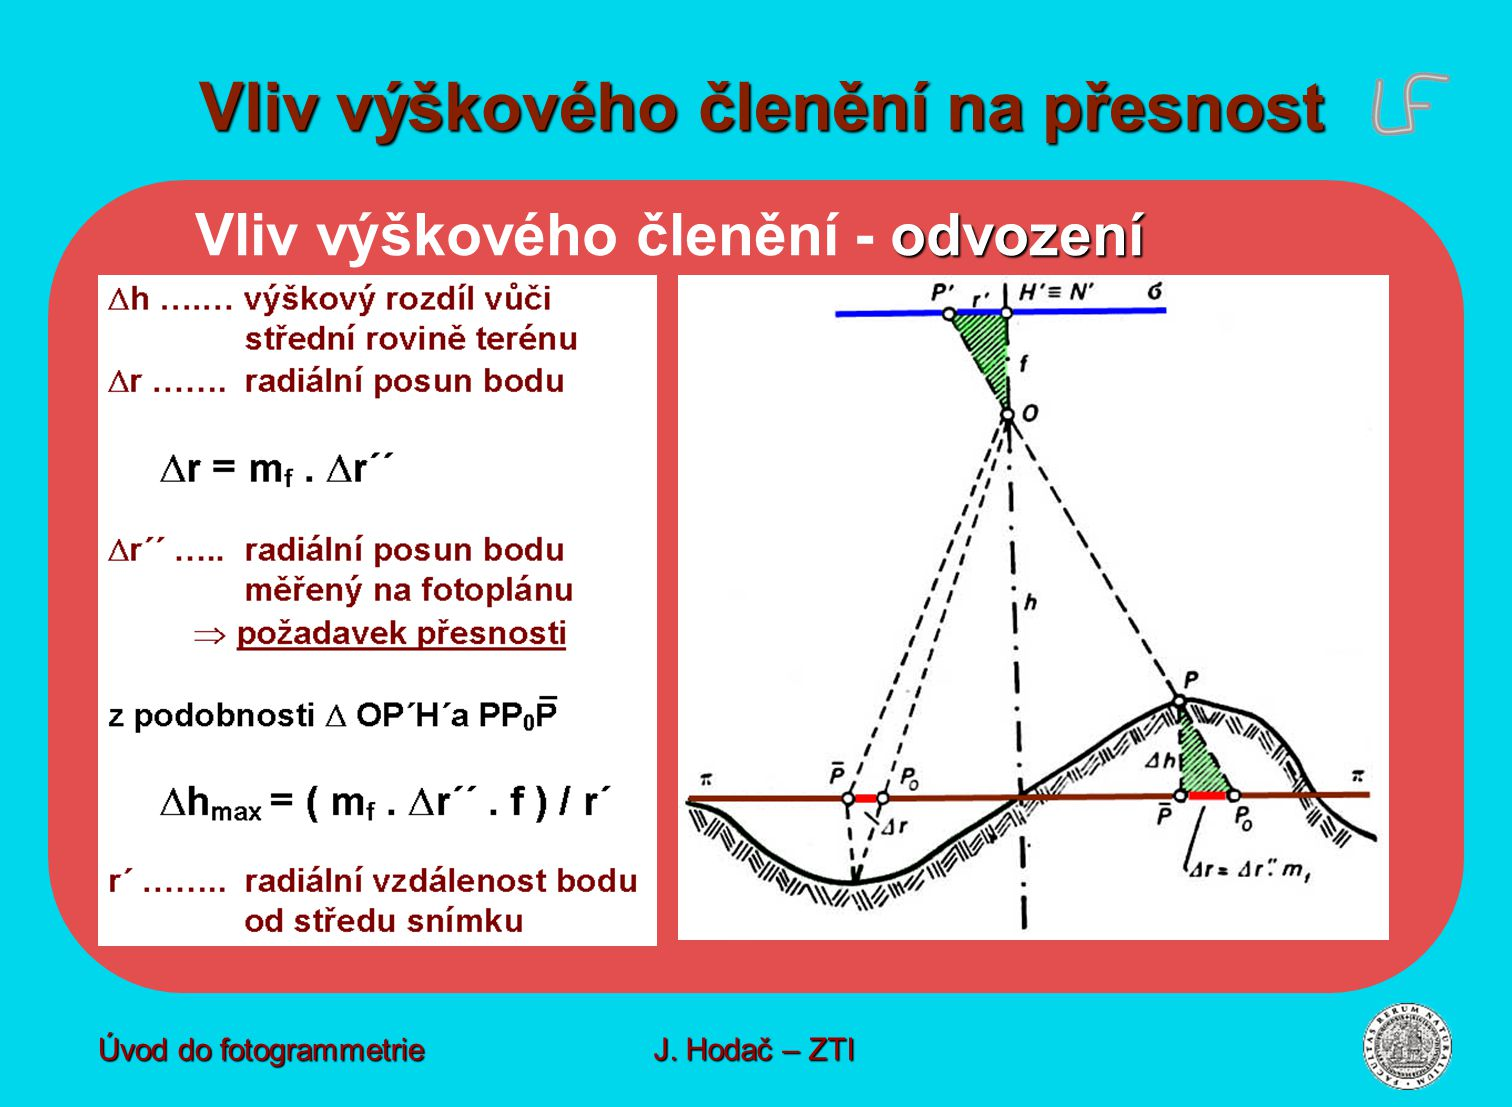 odvození Vliv výškového členění - odvození Vliv výškového členění na přesnost Úvod do fotogrammetrie J. Hodač – ZTI